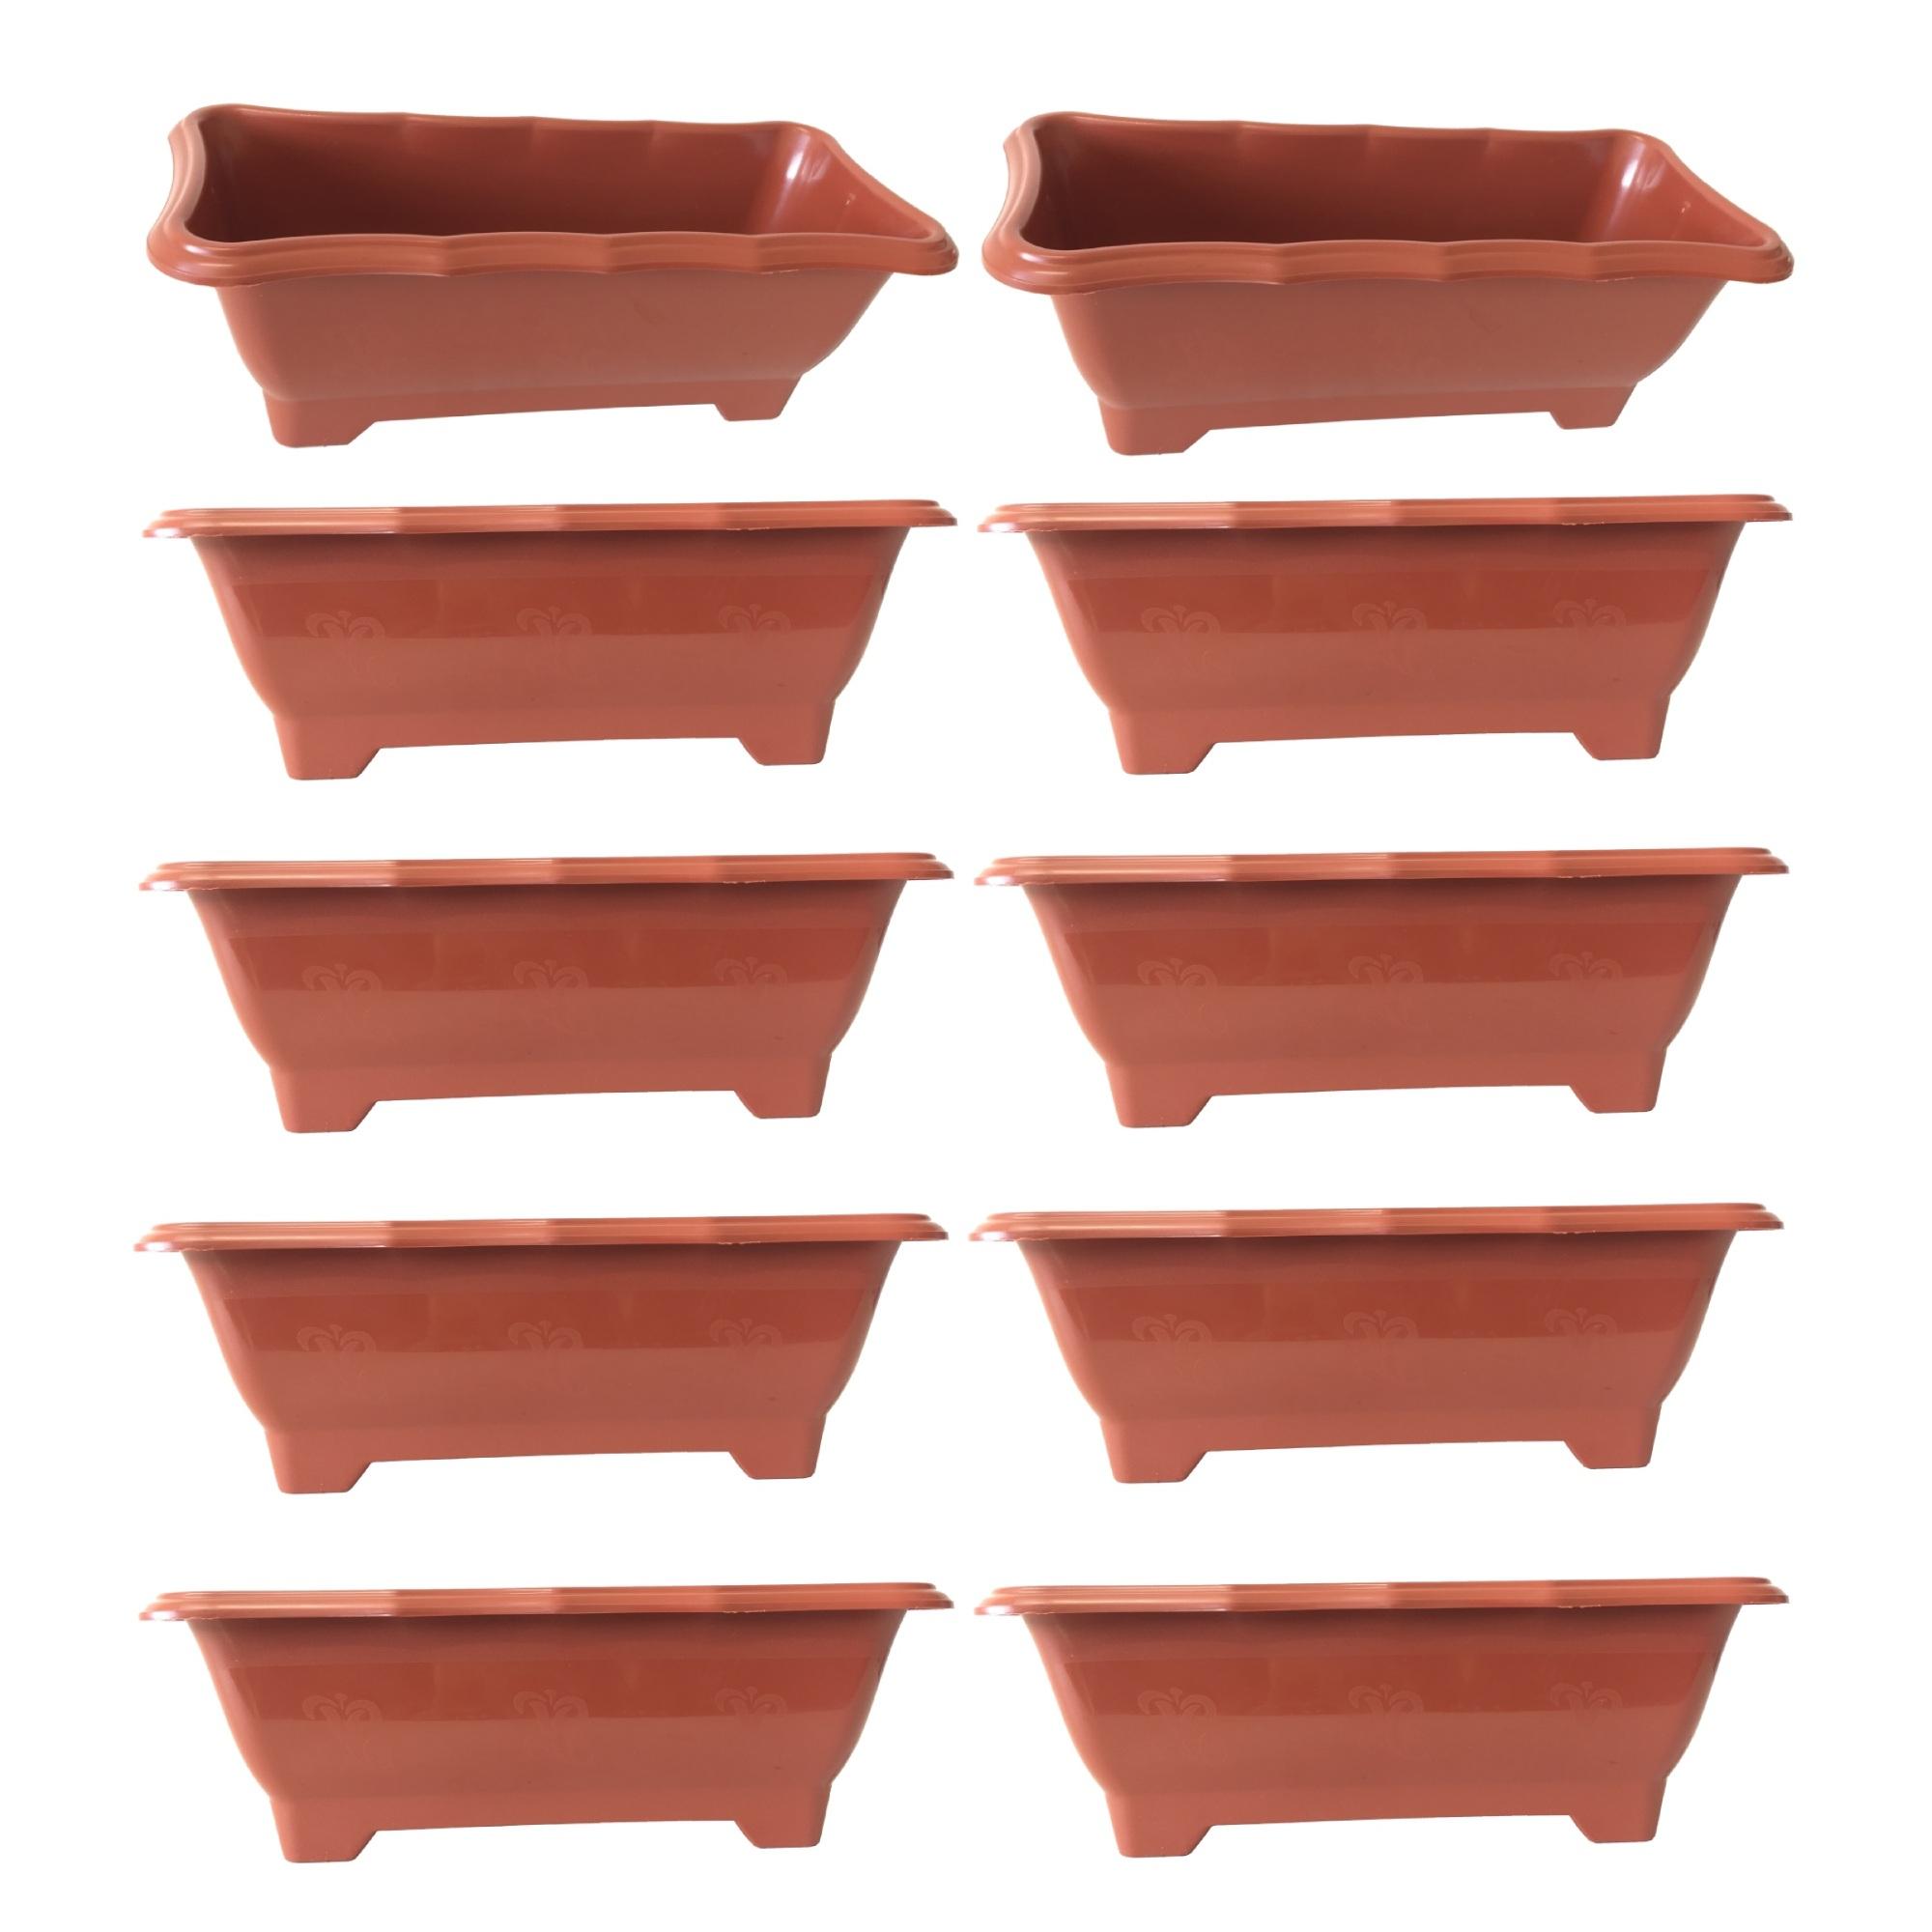 Kit 10 Vaso Jardineira Floreira  Terracota Arqplast Média 37,5x17,5x14cm - 25300